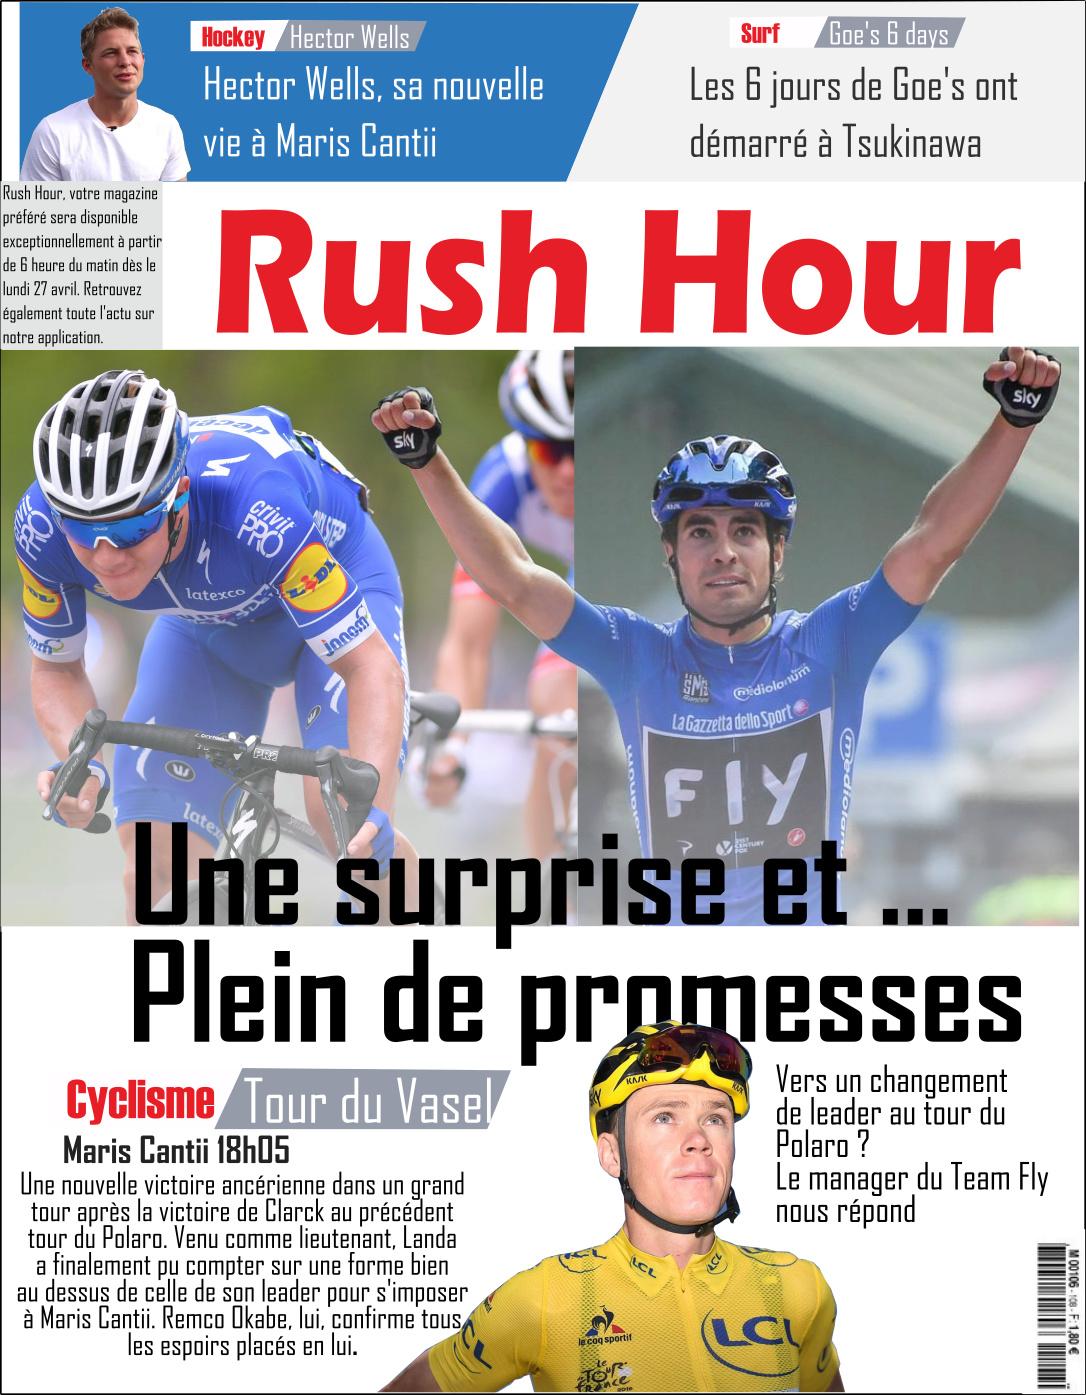 Ancorian medias - Page 6 Rush_h10